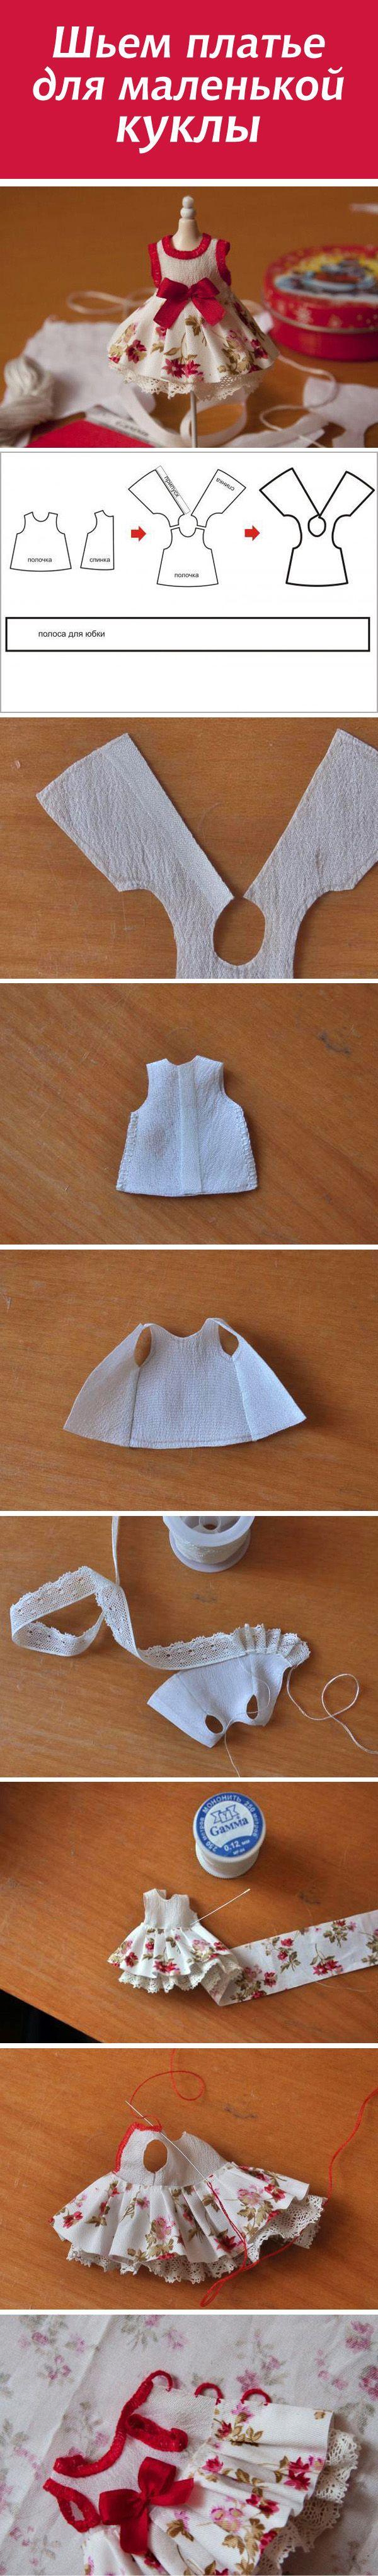 Как сшить платье на выпускной в